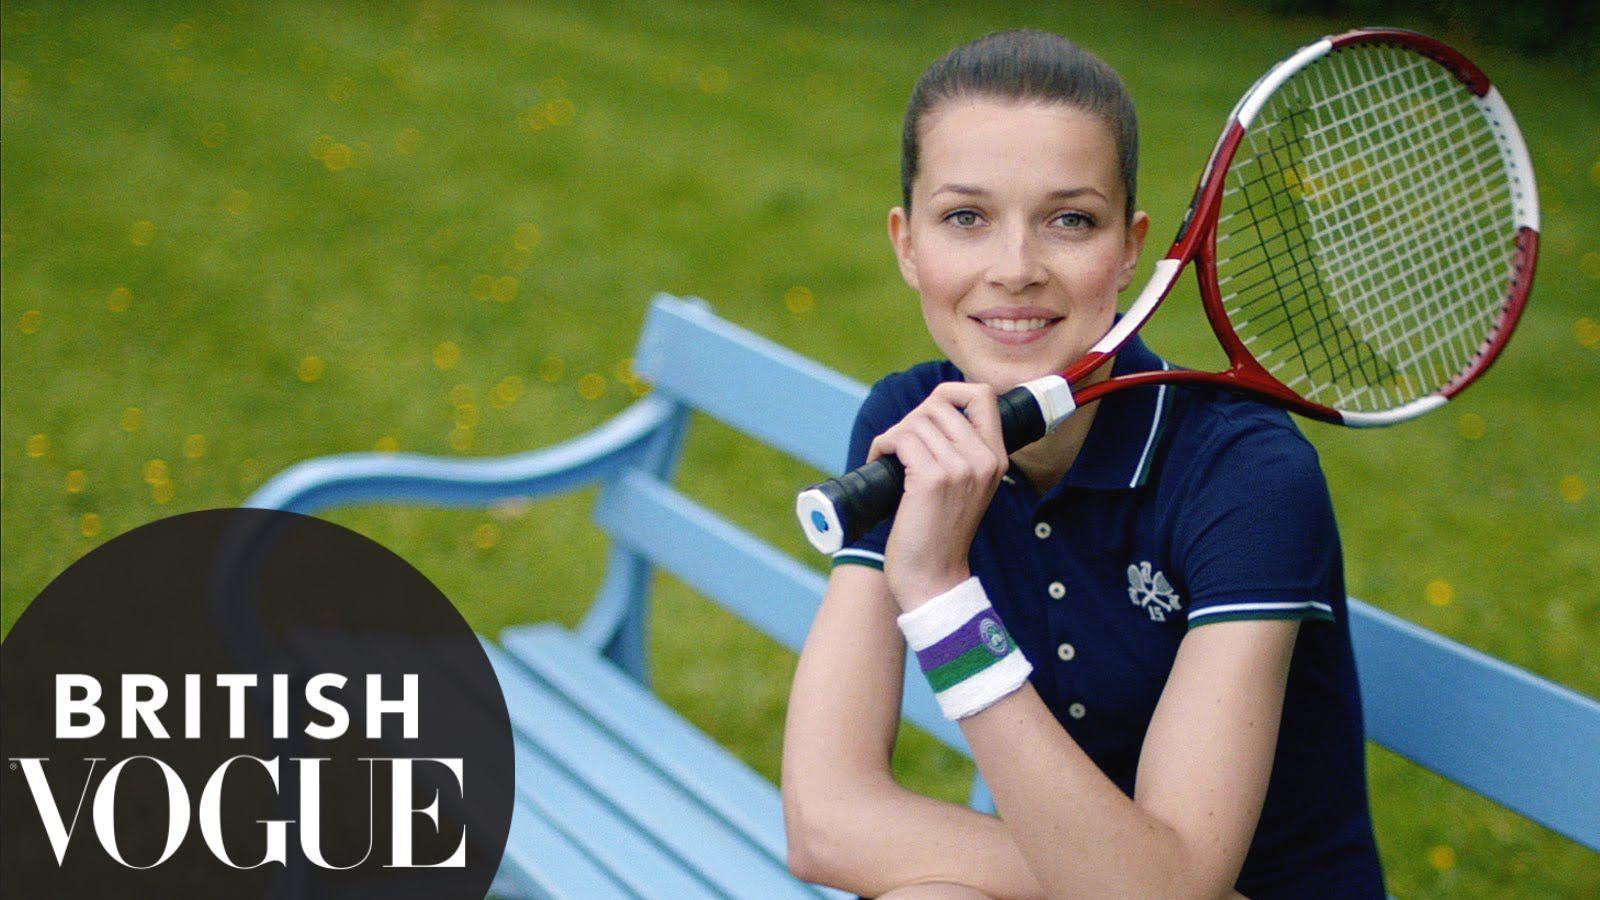 How To Speak Tennis learntoserveintennis Tennis workout